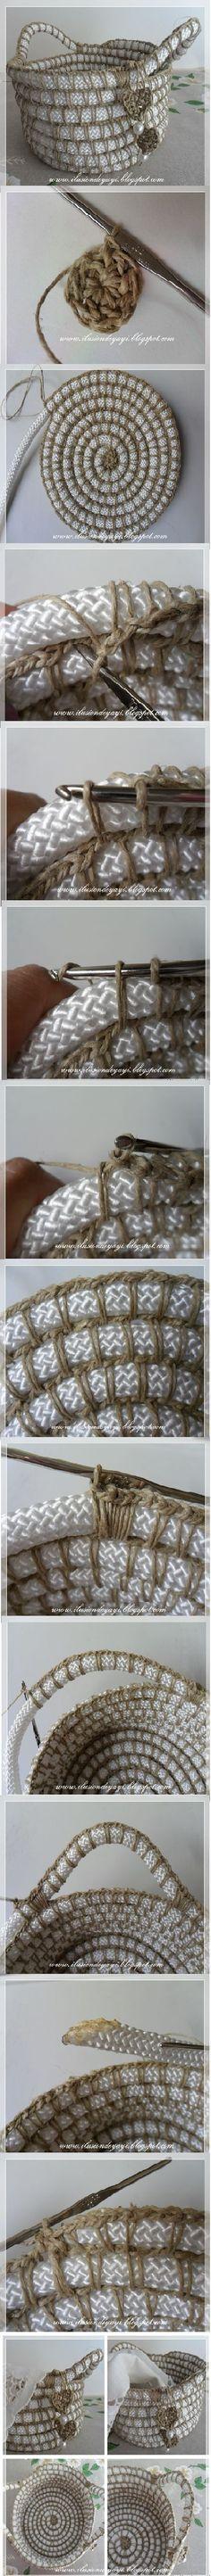 Tutorial per creare un cestino Shabby all'uncinetto con corda e spago - Il blog italiano sullo Shabby Chic e non solo